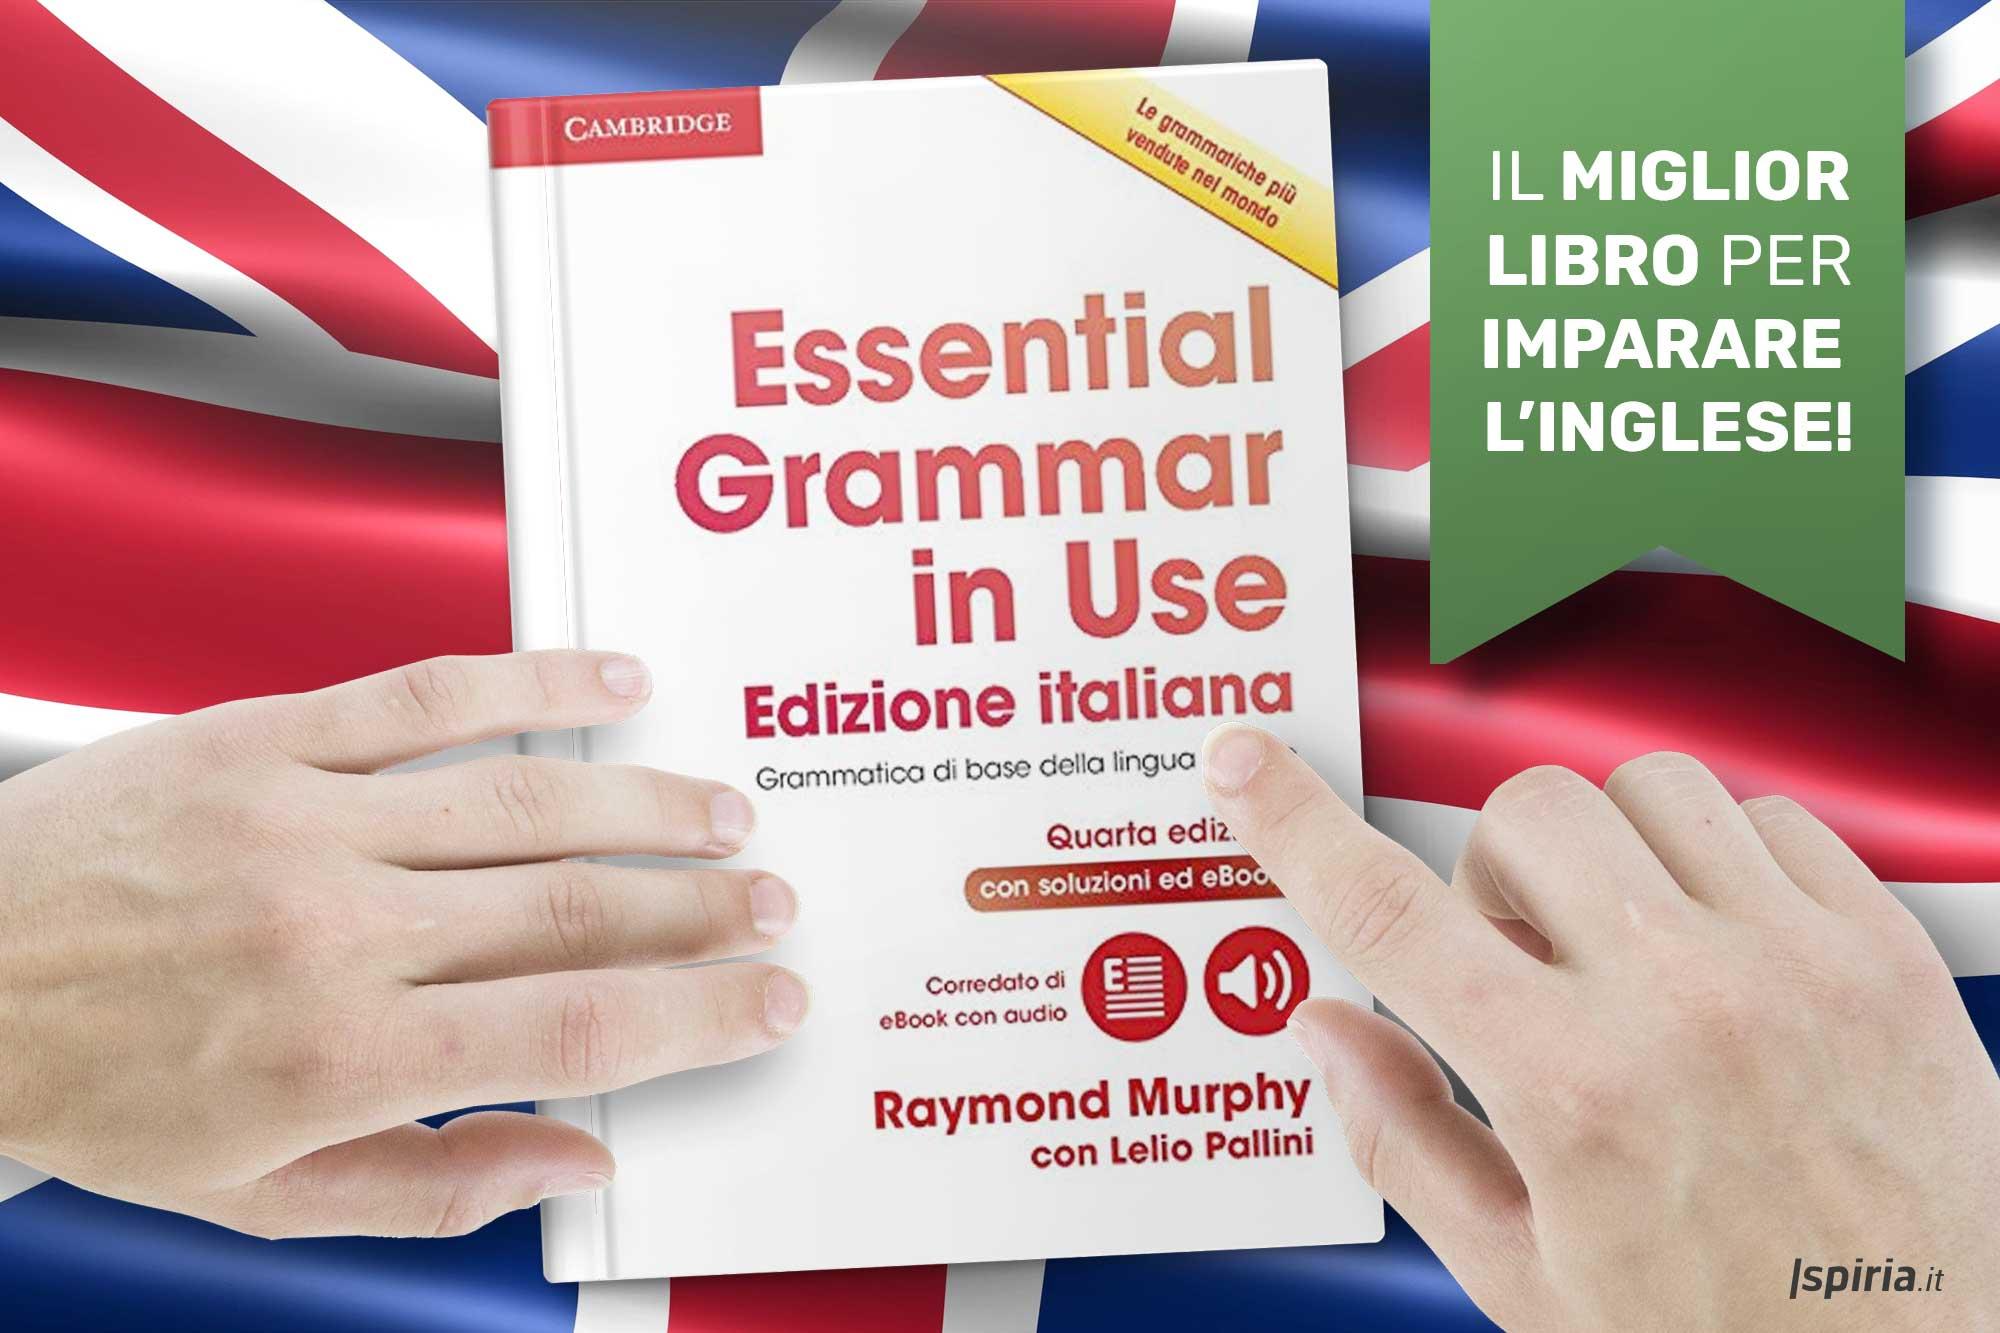 migliore libro per imparare l'inglese